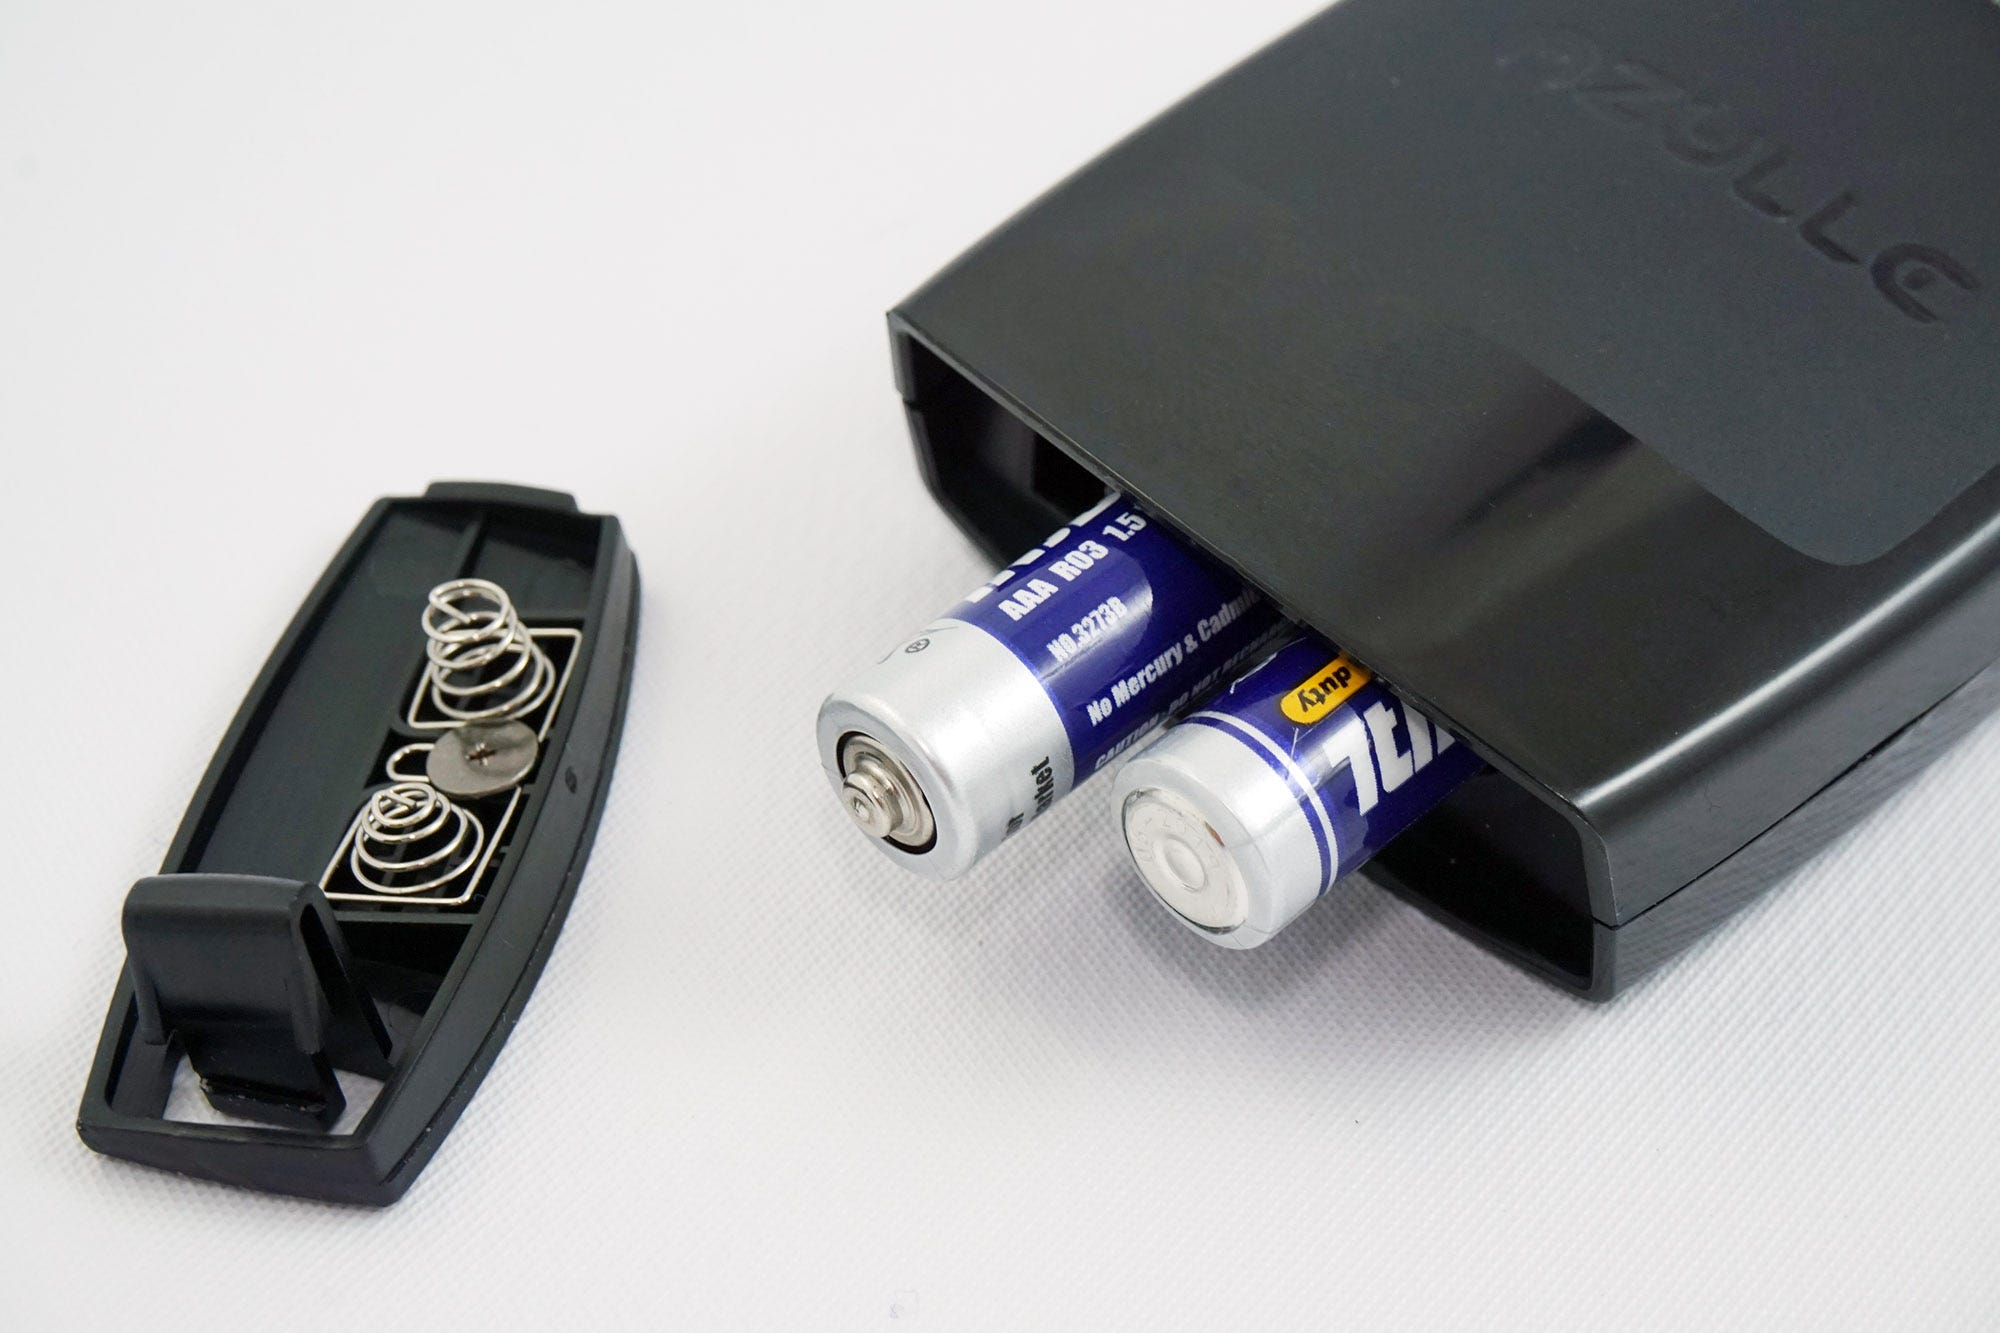 The Lynk runs on standard AAA batteries.